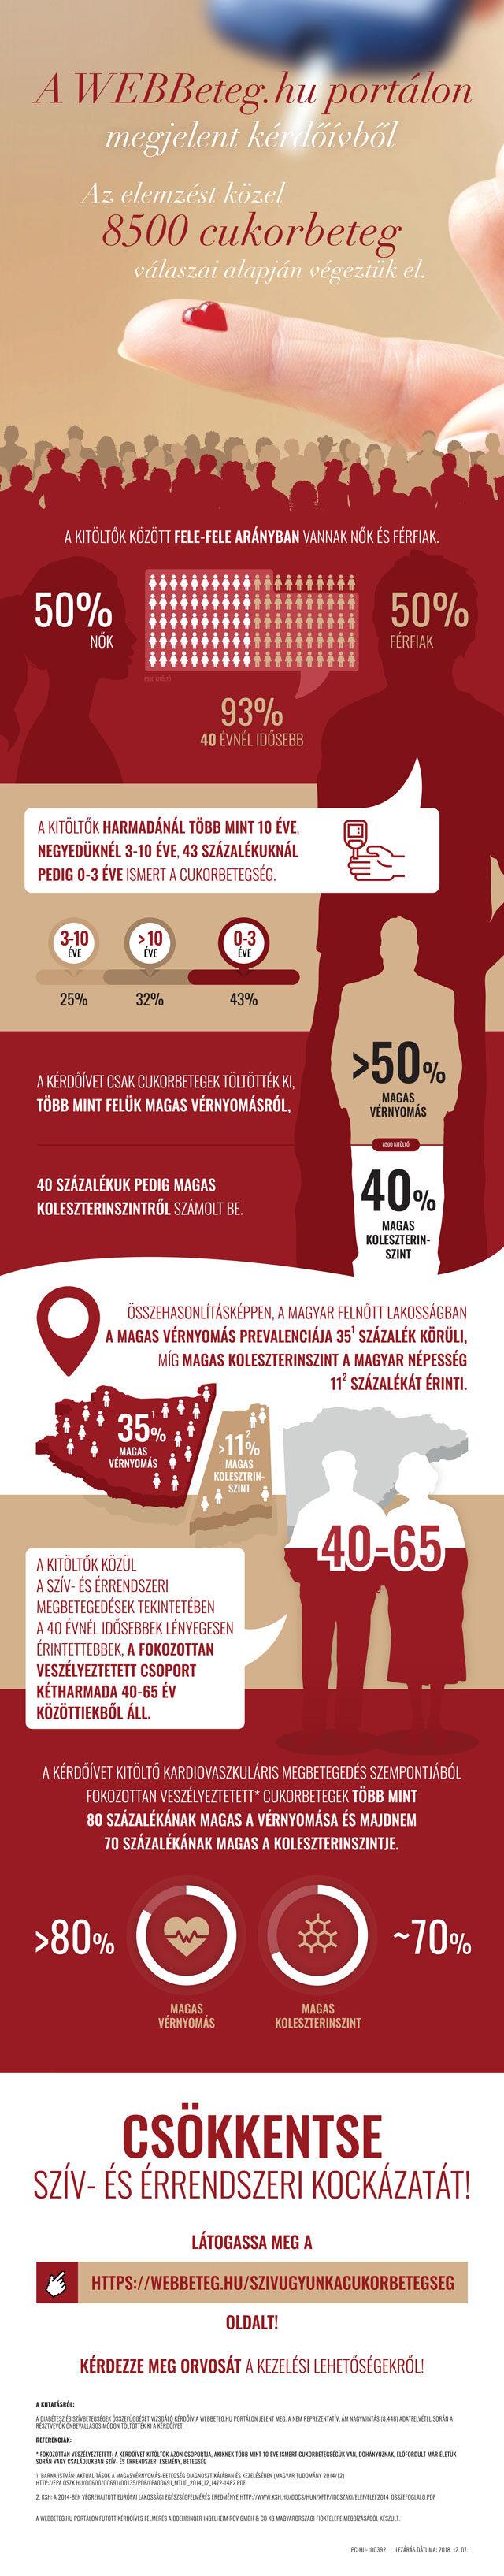 Diabétesz infografika